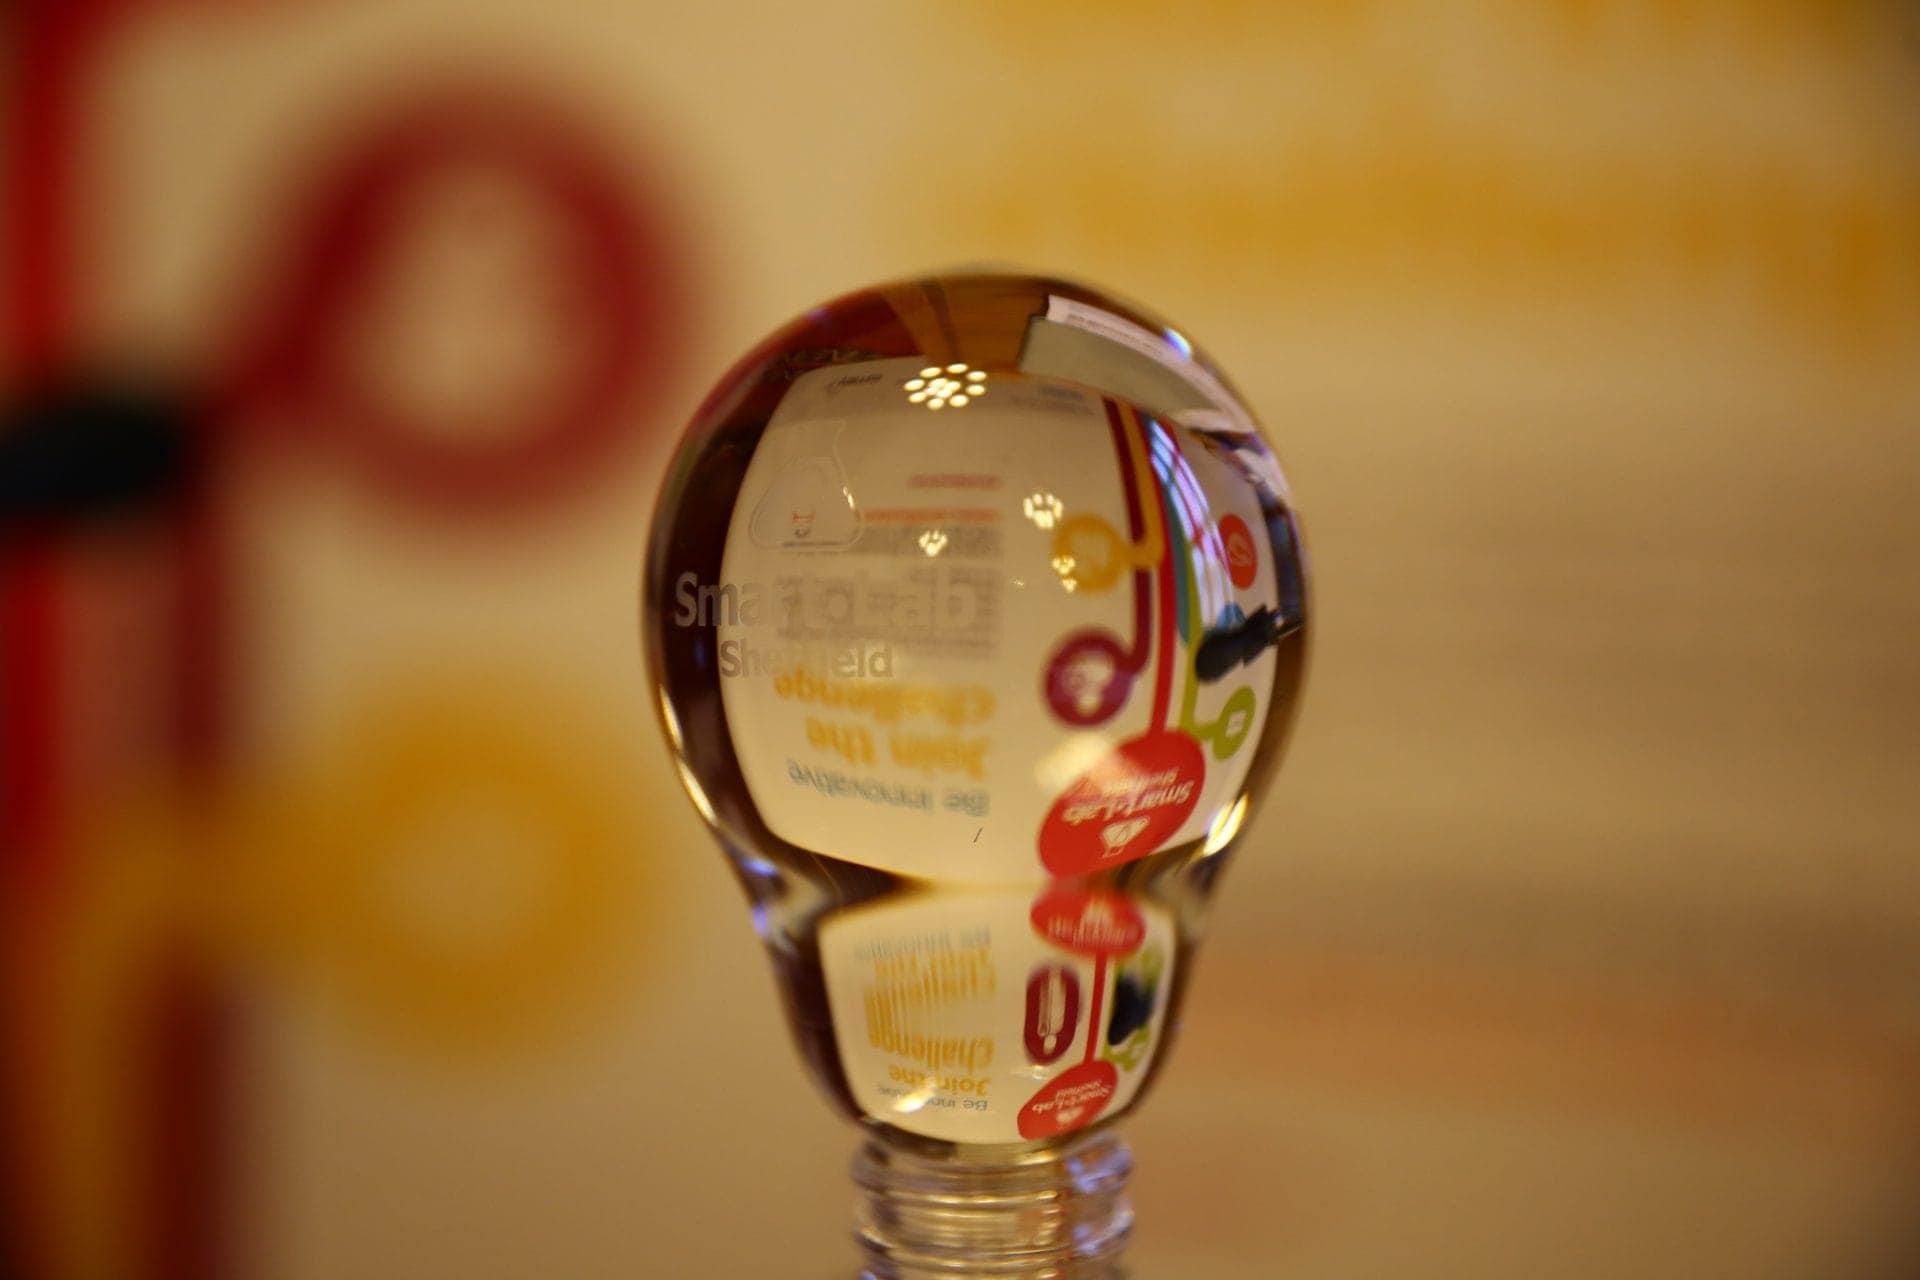 Sheffield Smart Lab finalistas innovación urbana